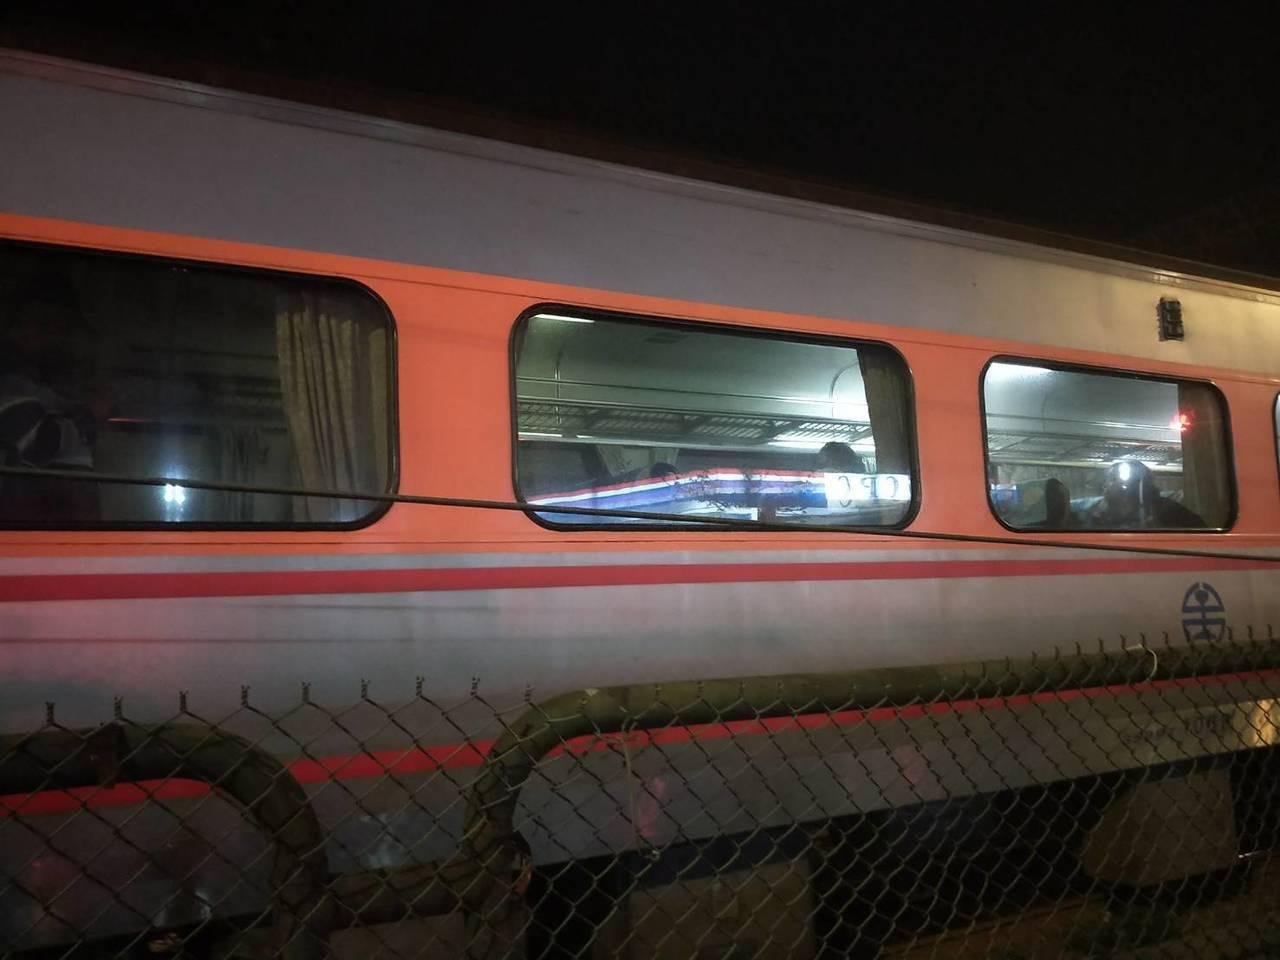 男跨鐵軌換車遭撞還被告公告危險,但檢方認非故意肉身擋火車不起訴,圖為事故檔案照,...